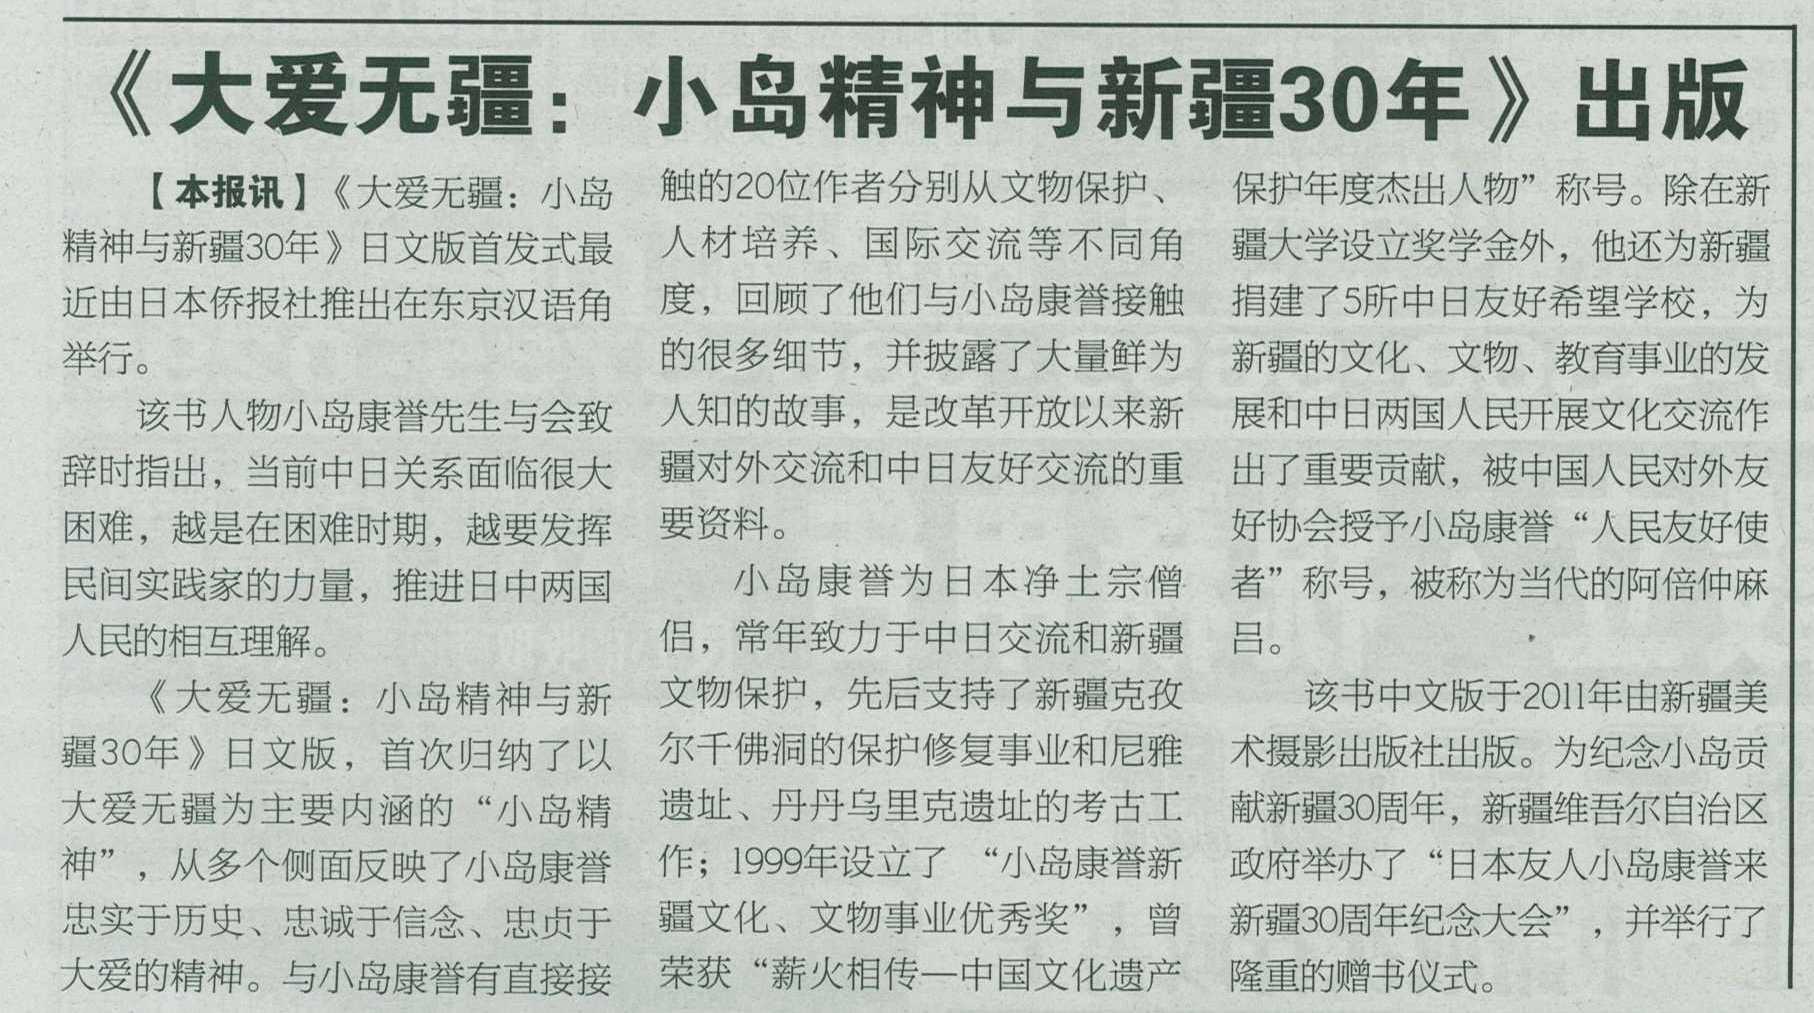 《华风新闻》报道了《大爱无疆》日文版出版的消息_d0027795_9254575.jpg